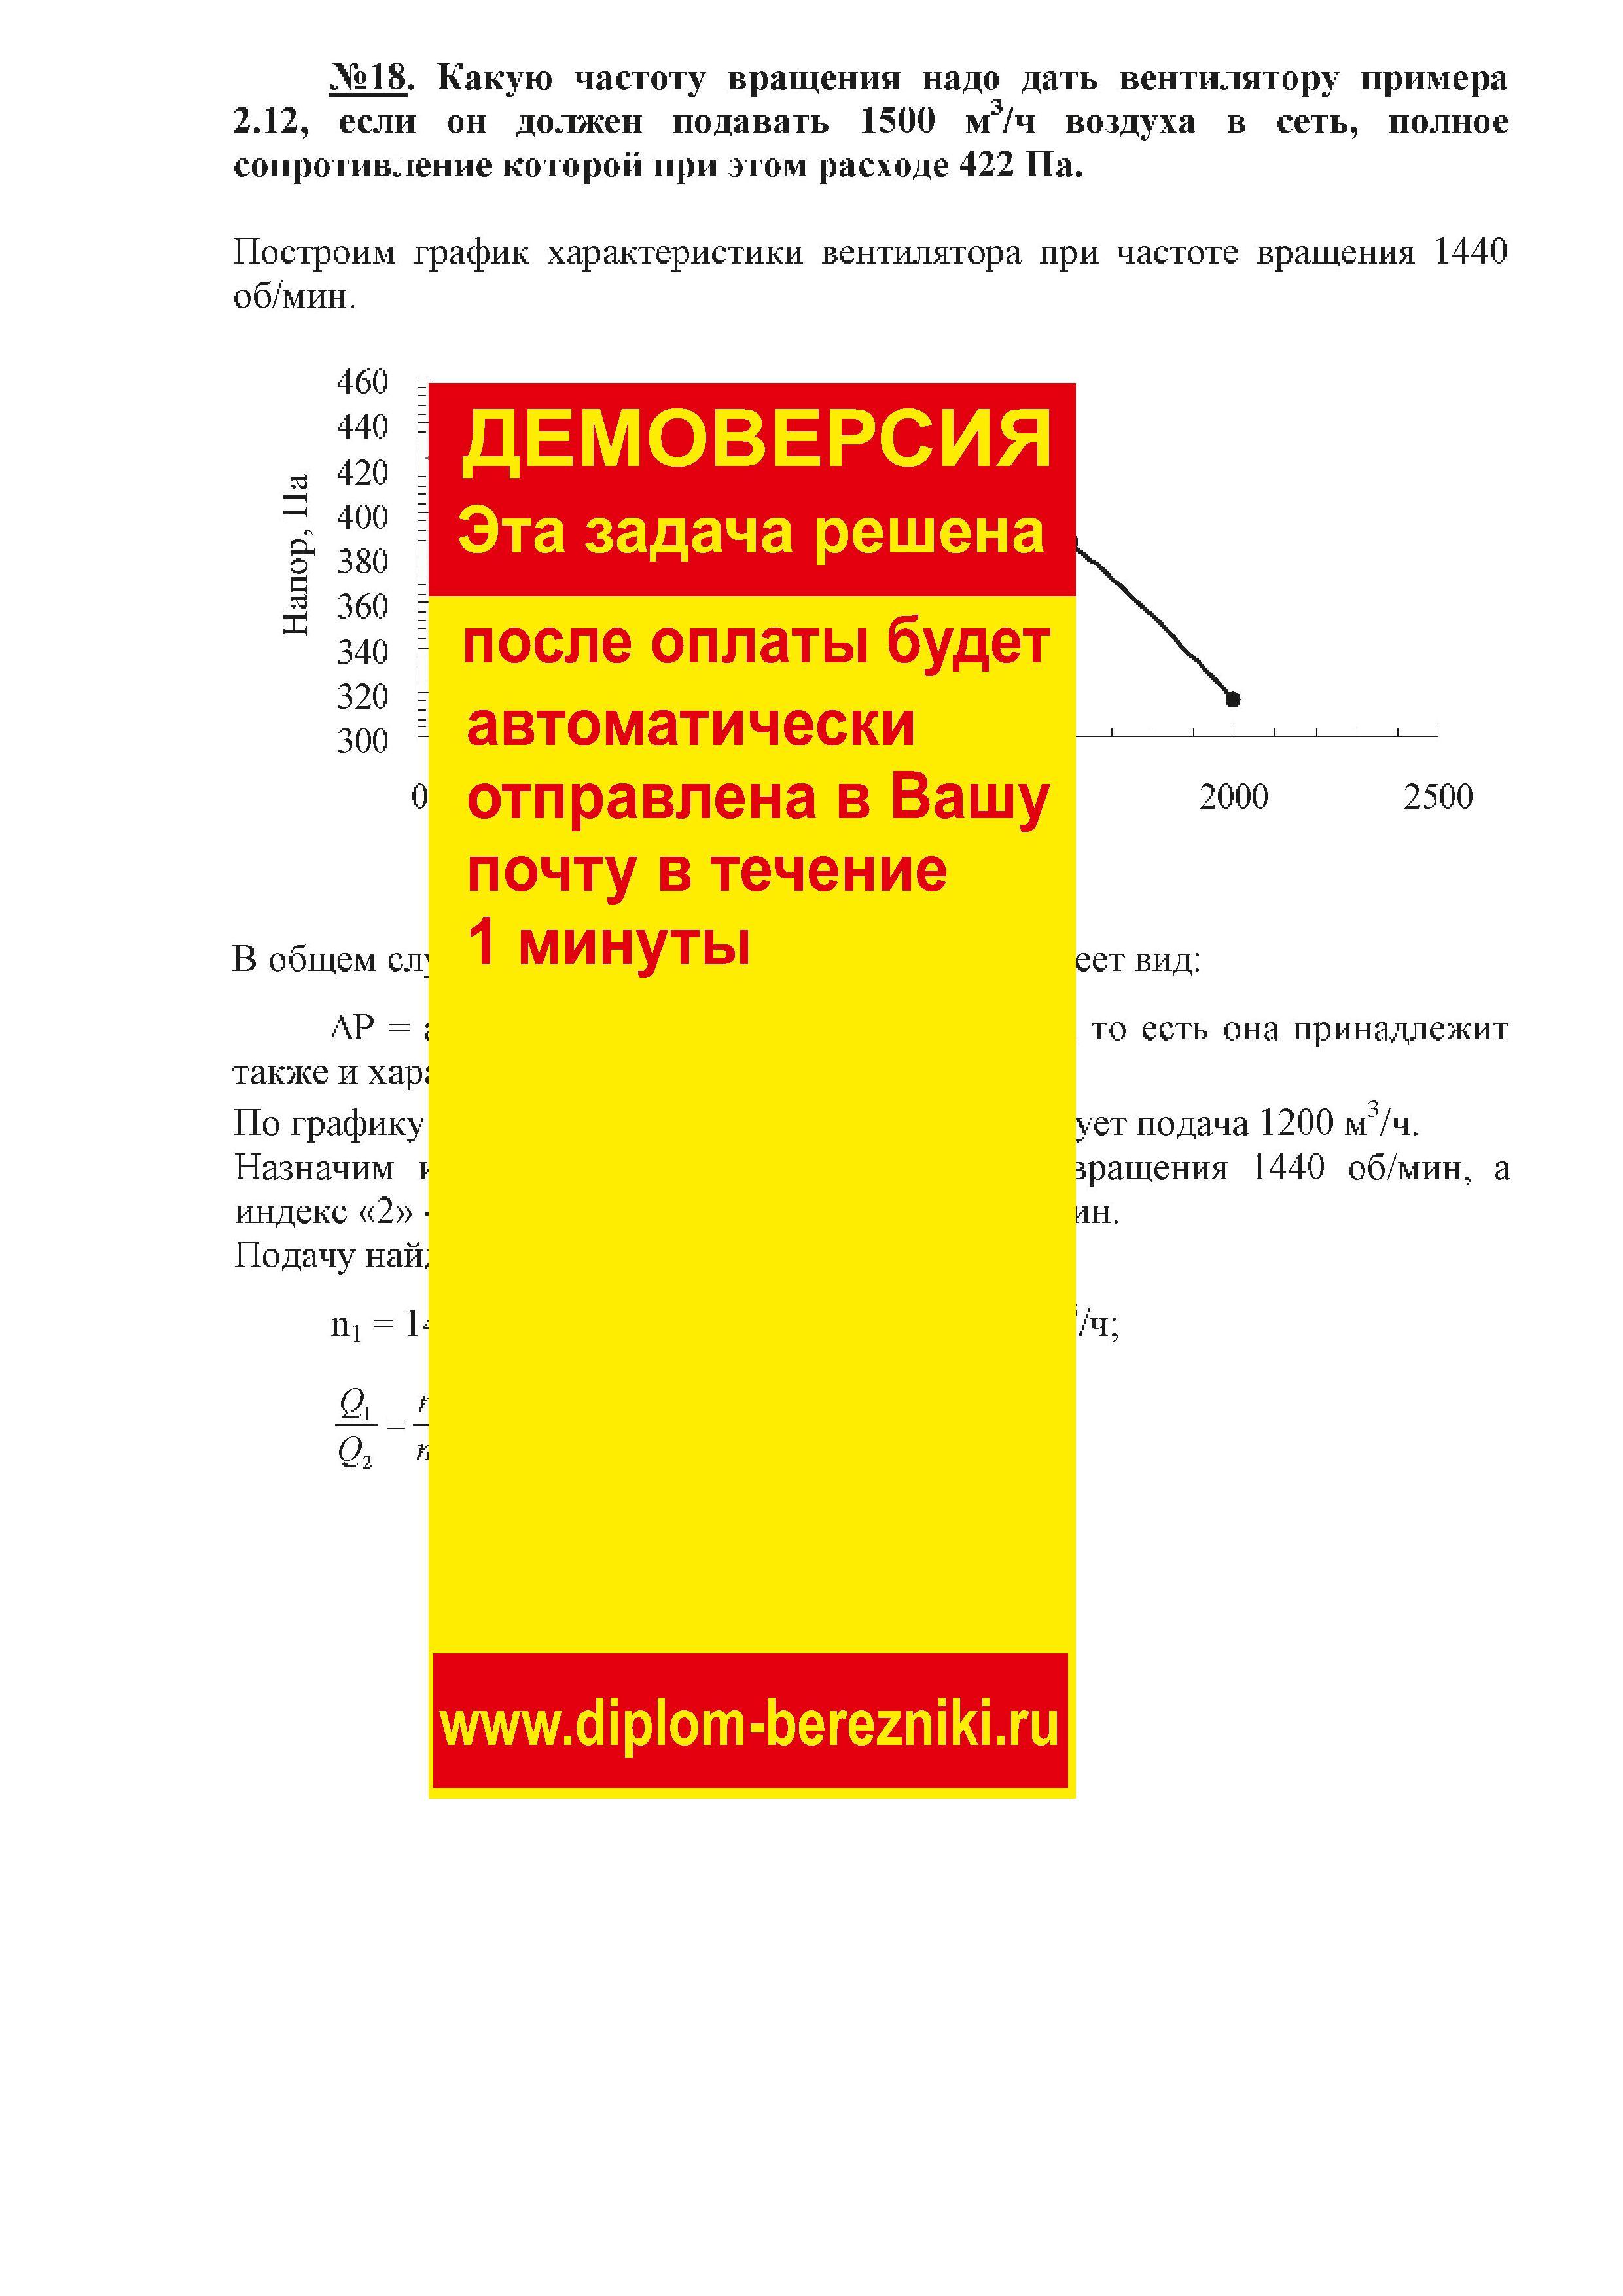 Решение задачи 2.18 по ПАХТ из задачника Павлова Романкова Носкова